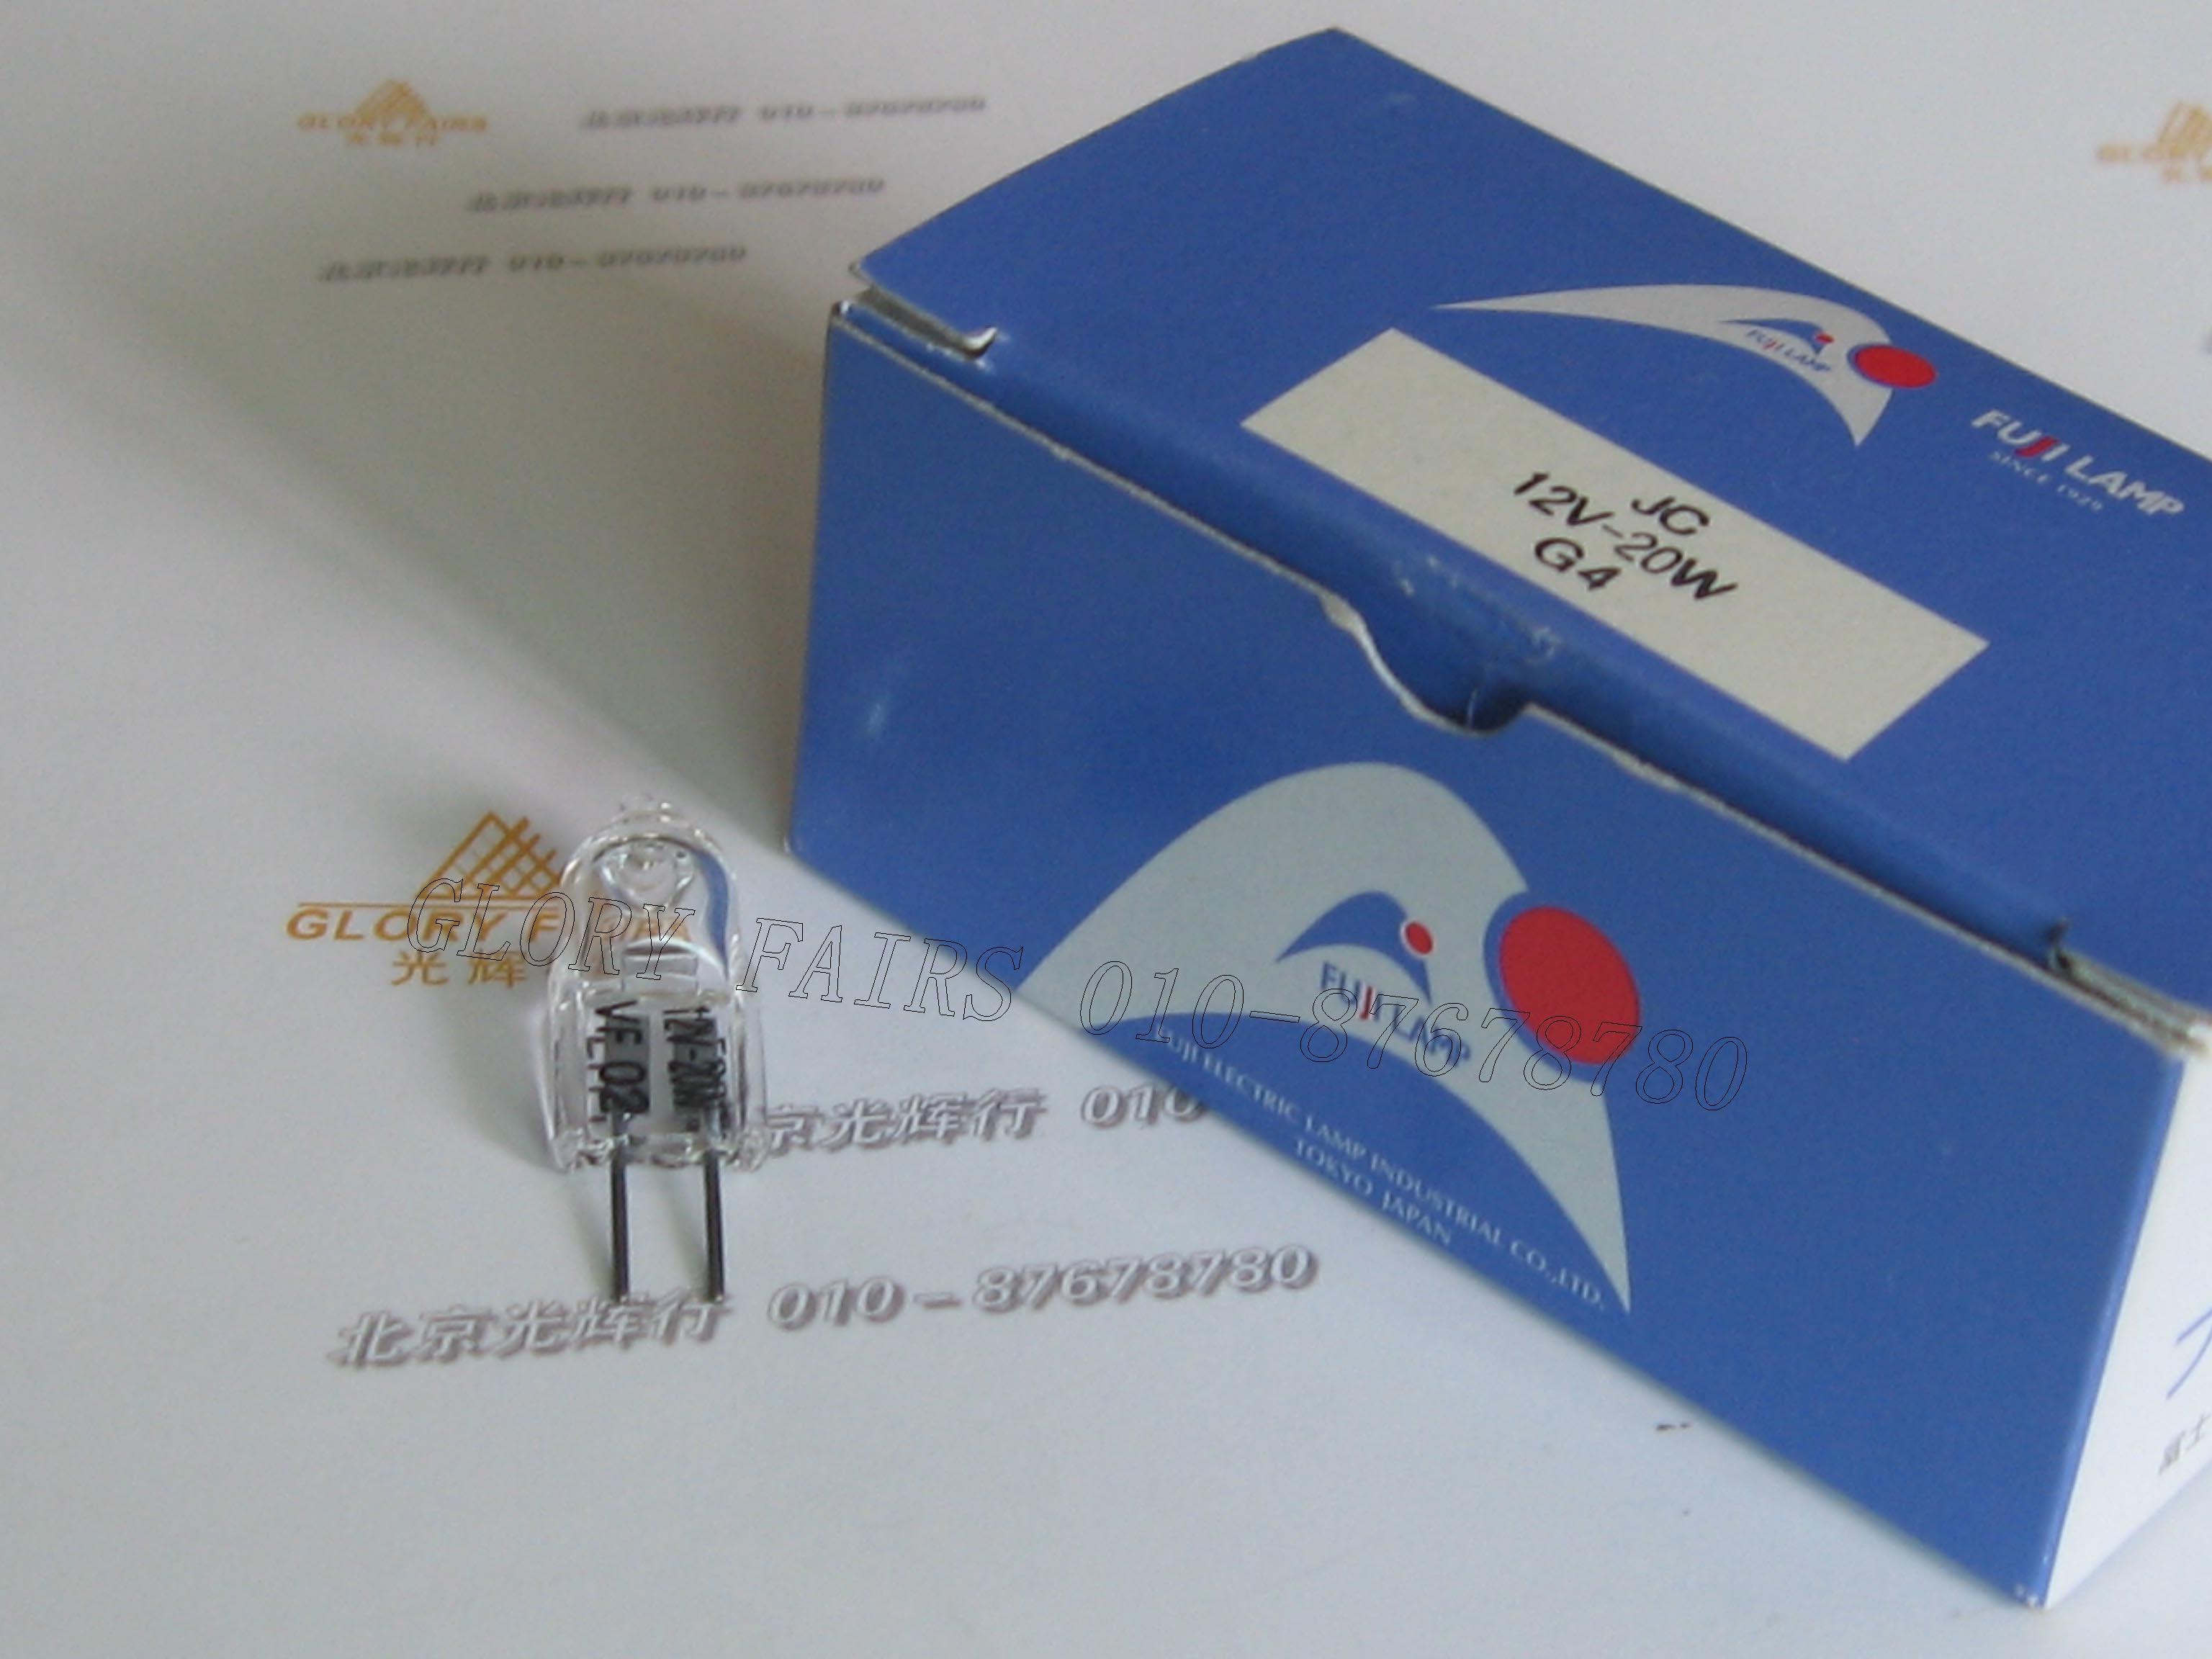 FUJI LAMP,JC 12V-20W G4,Beckmann biochemical analyzer,12V20W UV halogen lighting bulb(China (Mainland))